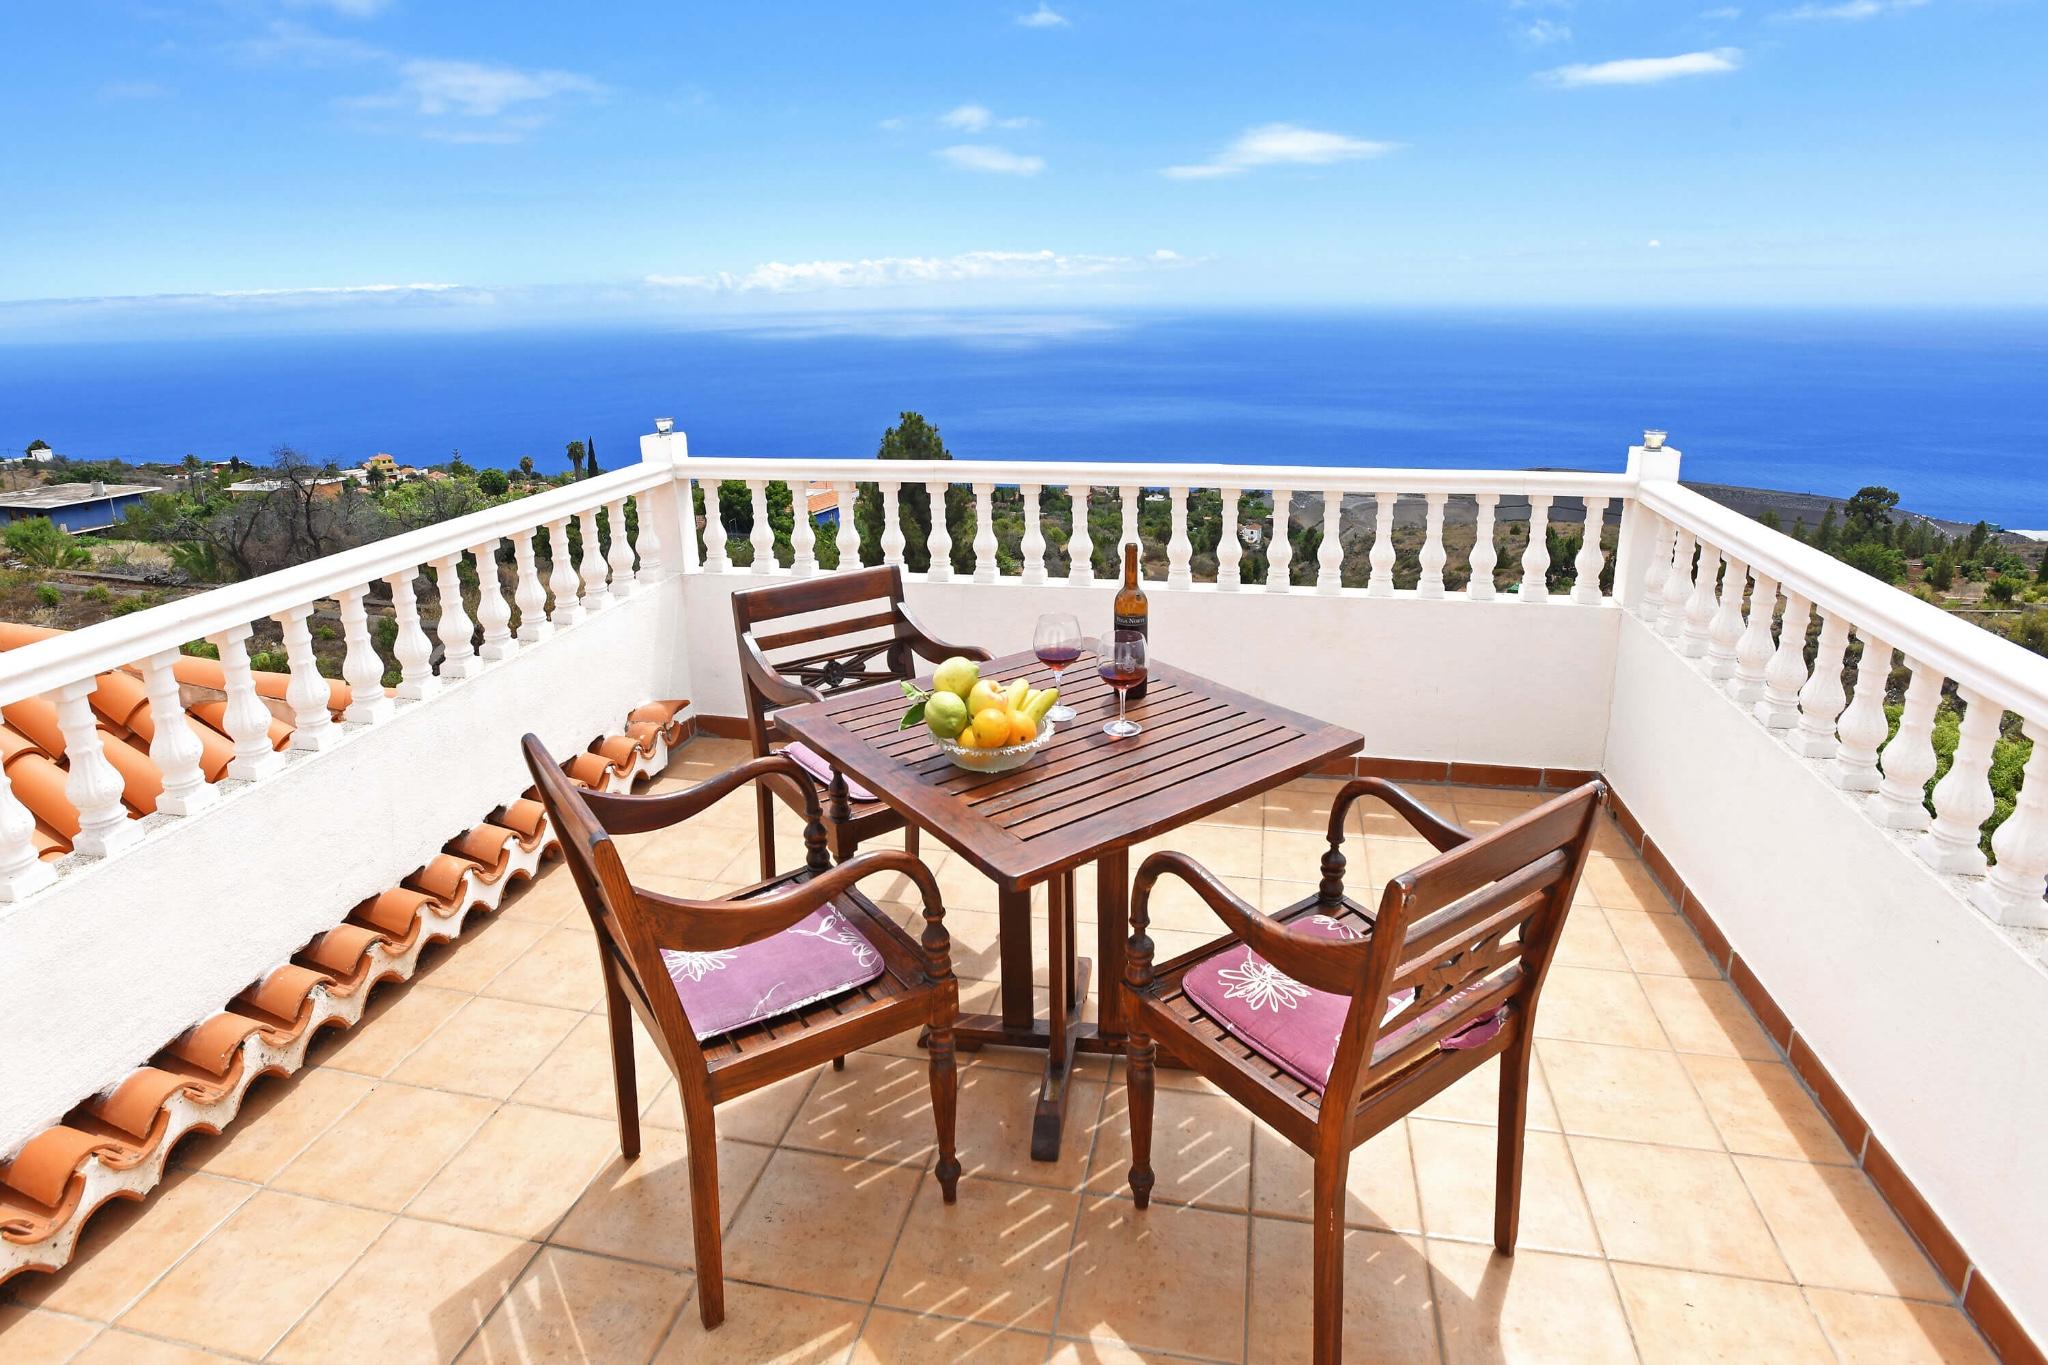 Lägenhet med gemensam pool och utsikt över Atlanten på ön La Palma